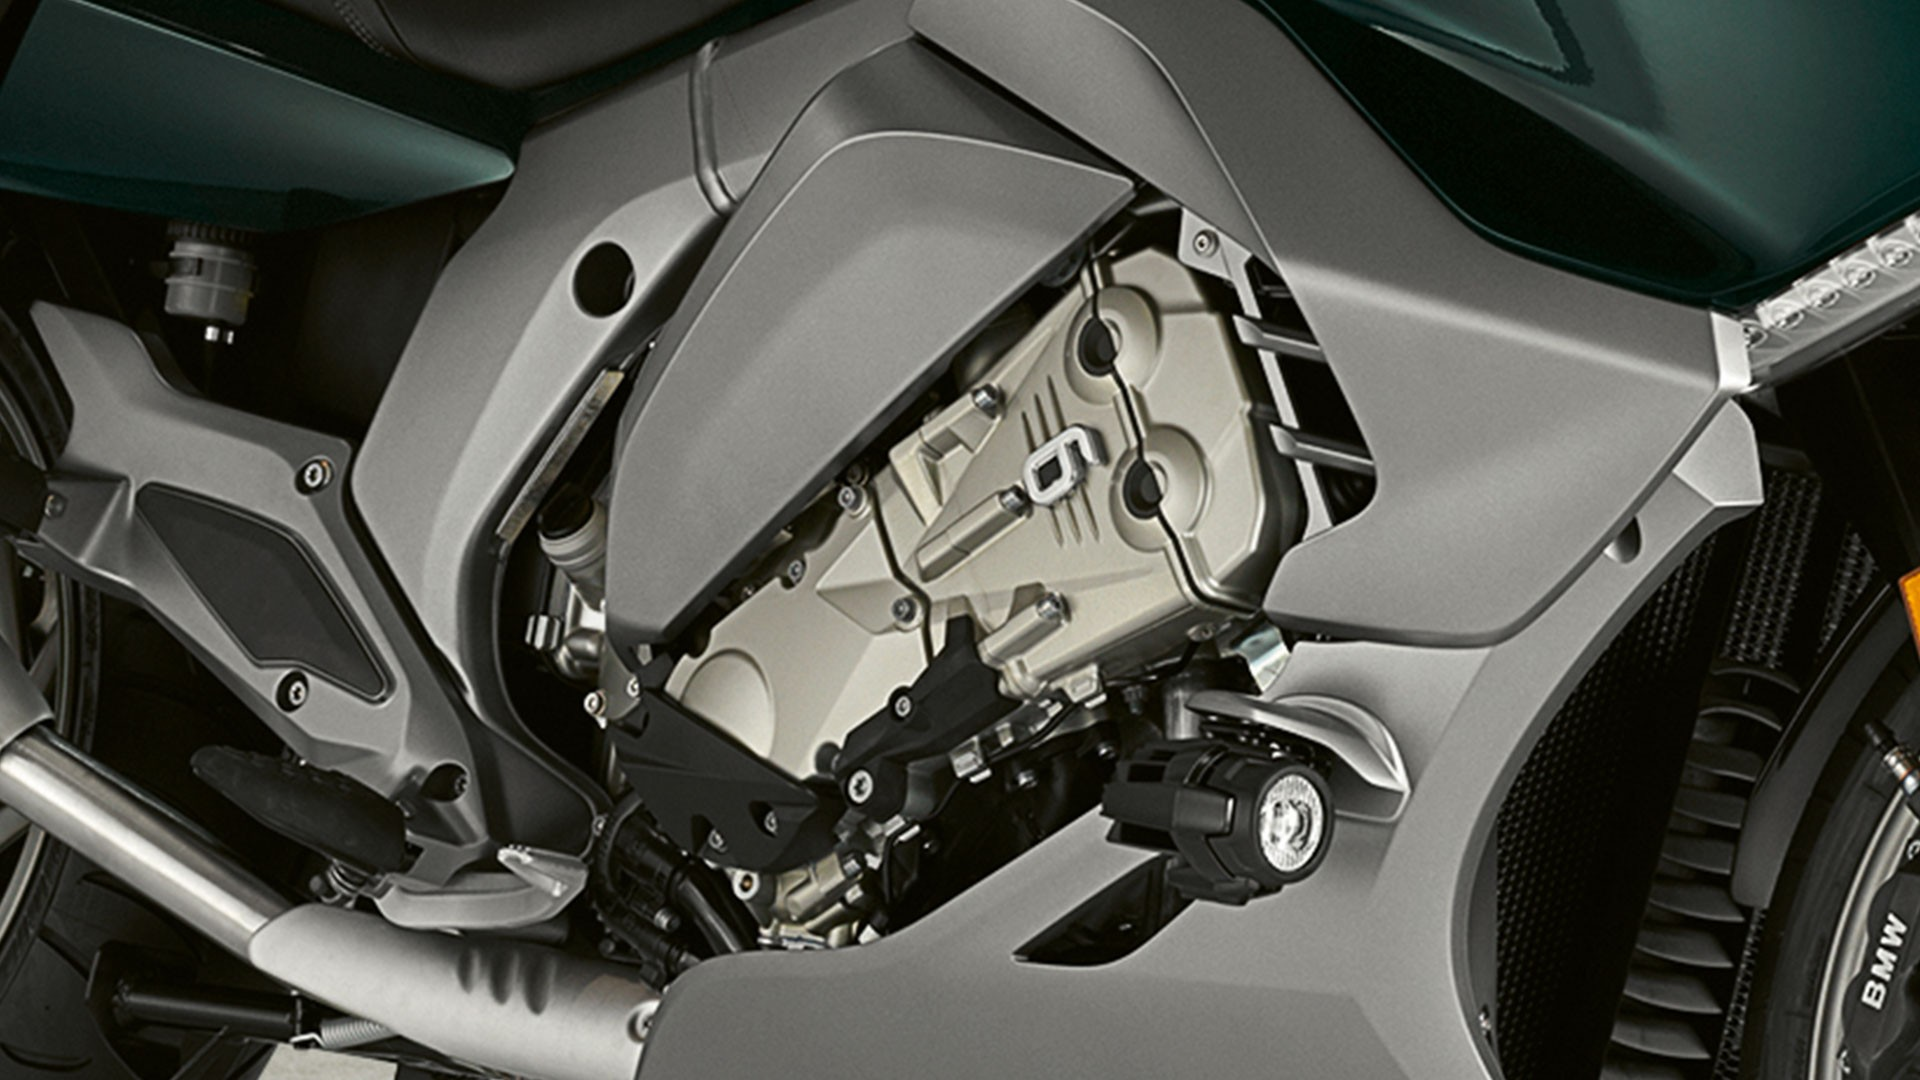 Шестицилиндровый рядный двигатель.